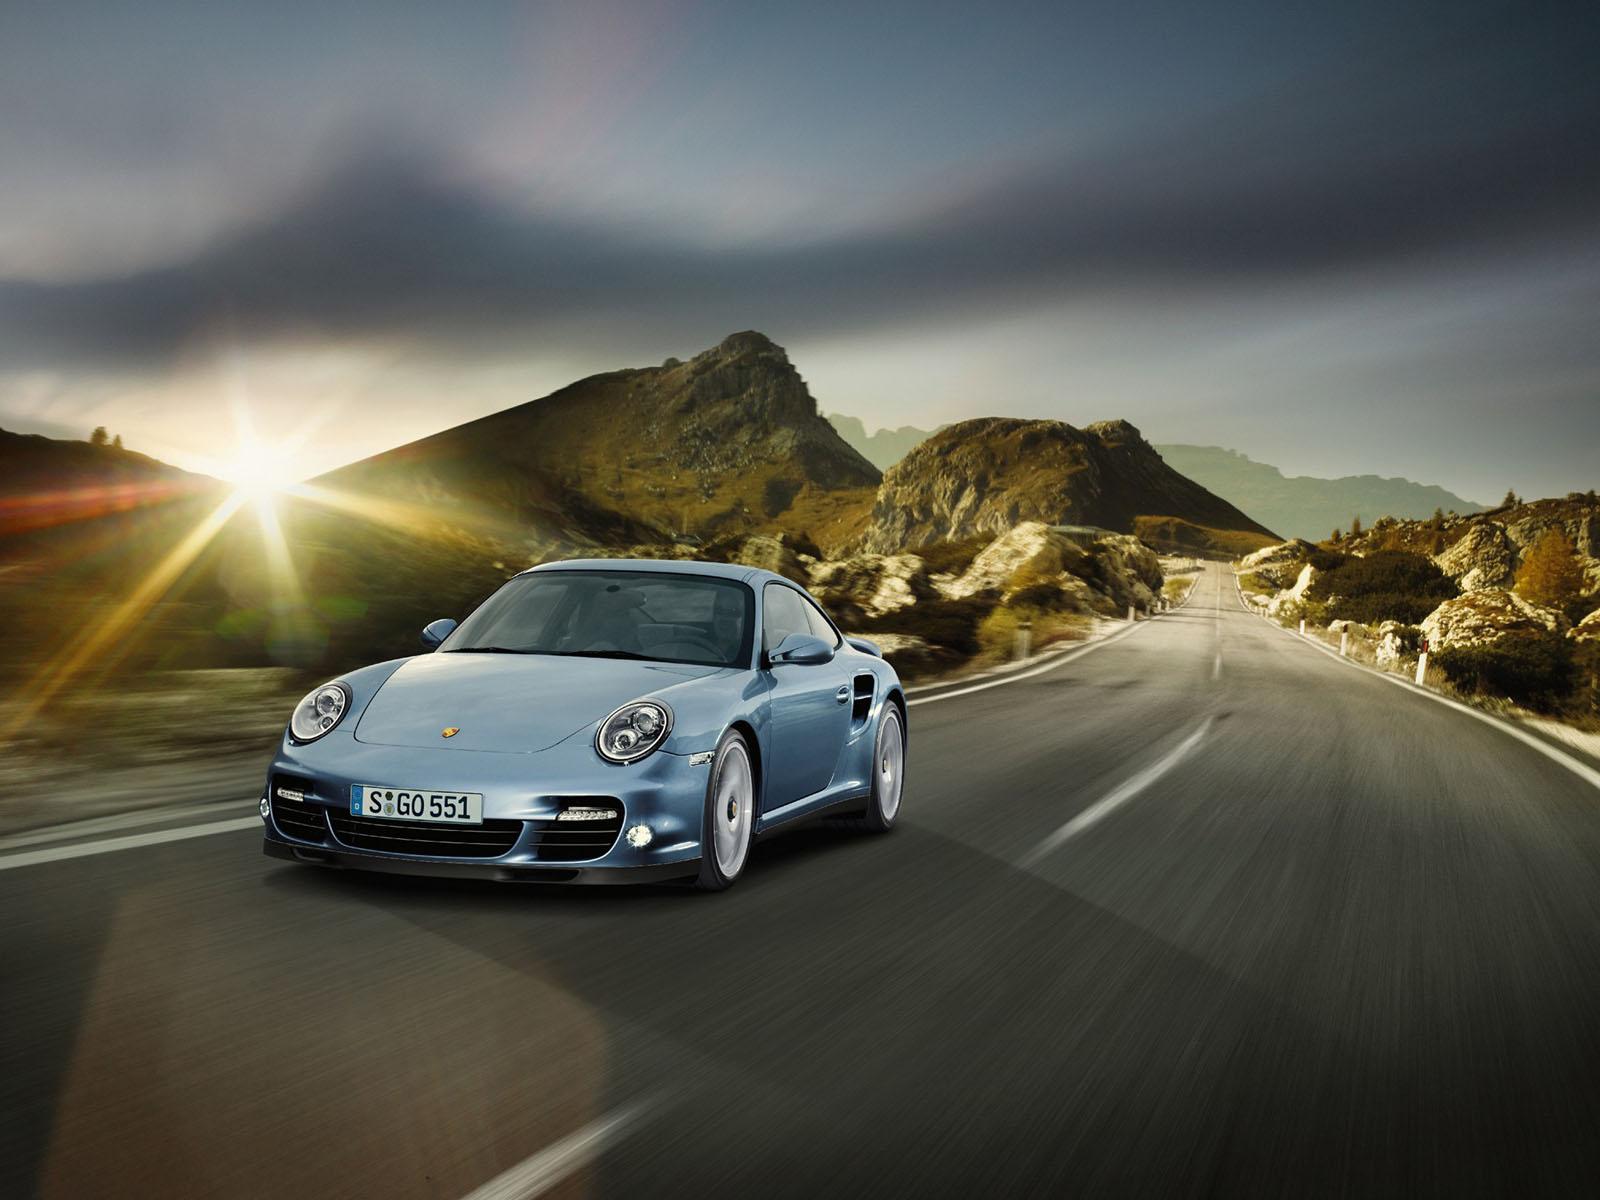 Sachin Tendulkar Hd Wallpapers For Laptop Wallpapers Porsche 911 Turbo Car Wallpapers